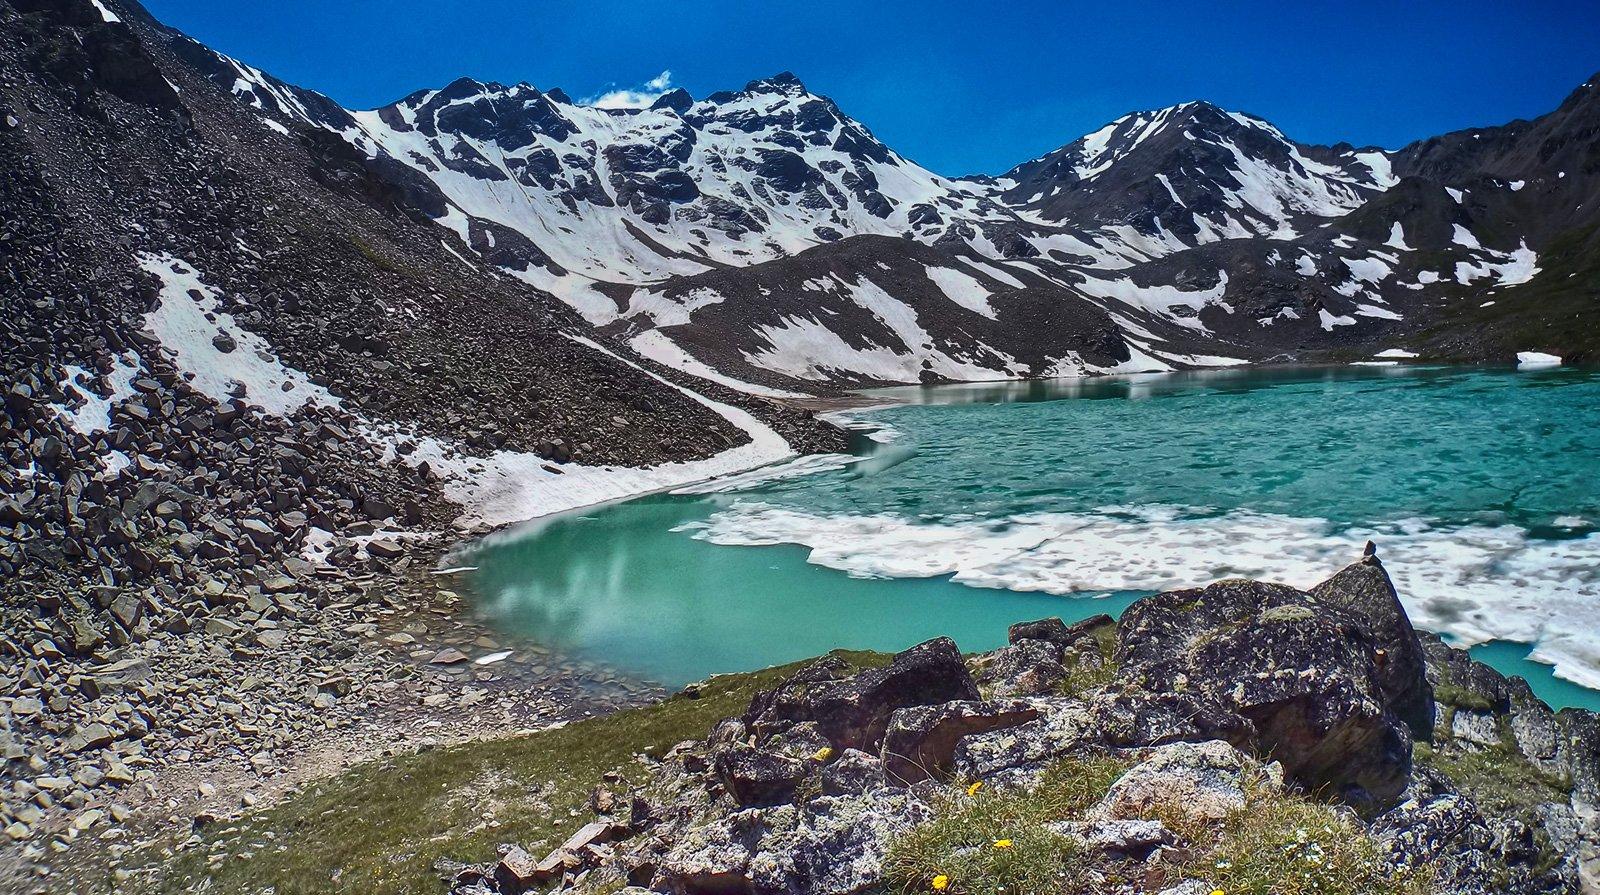 на озере никогда не тает лёд....